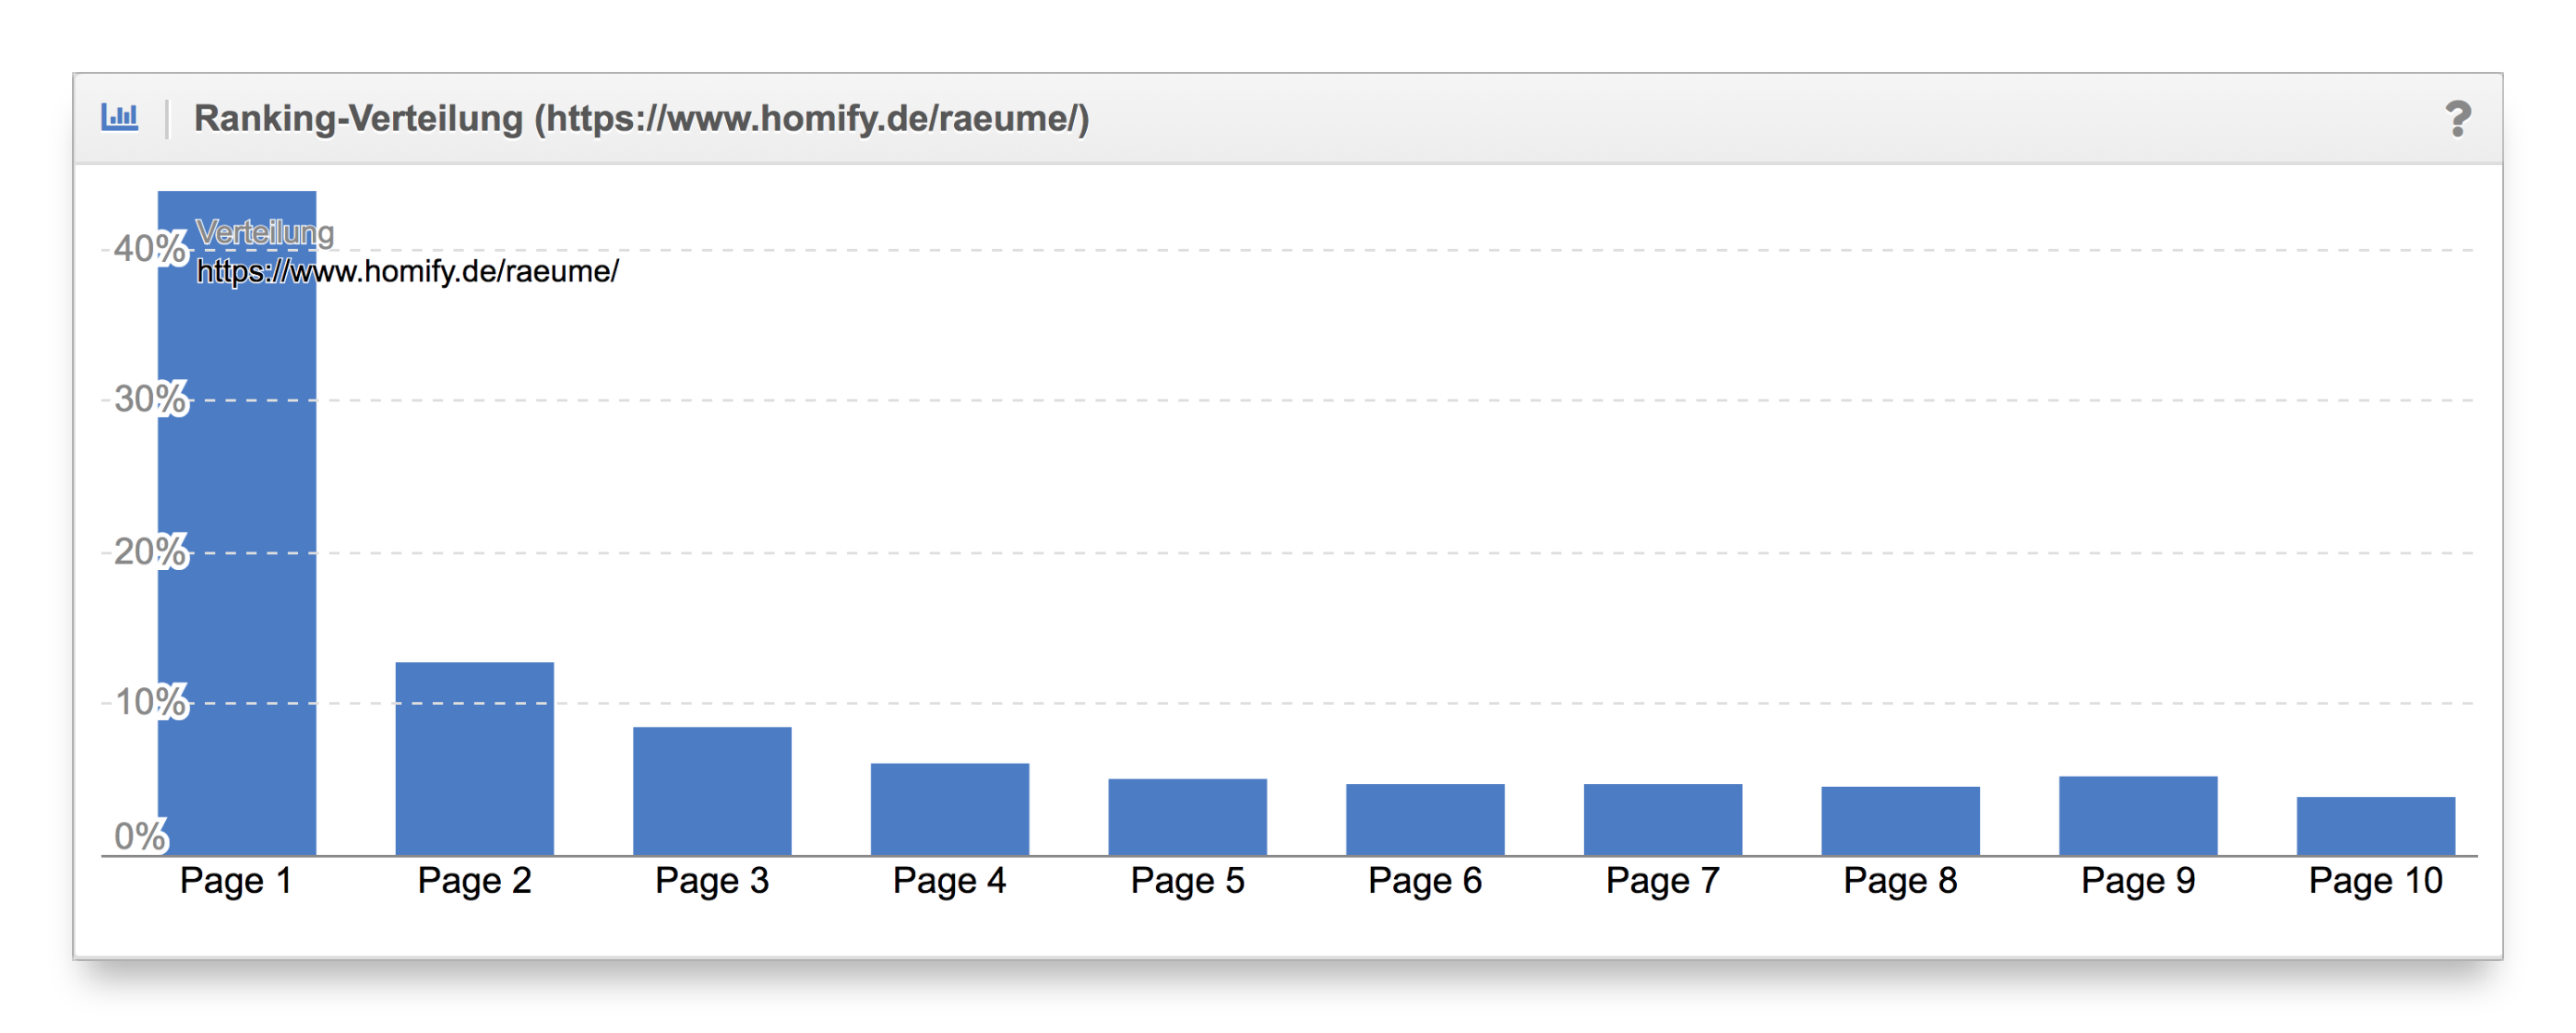 Vergleich Ranking-Verteilung Content-Formate homify.de